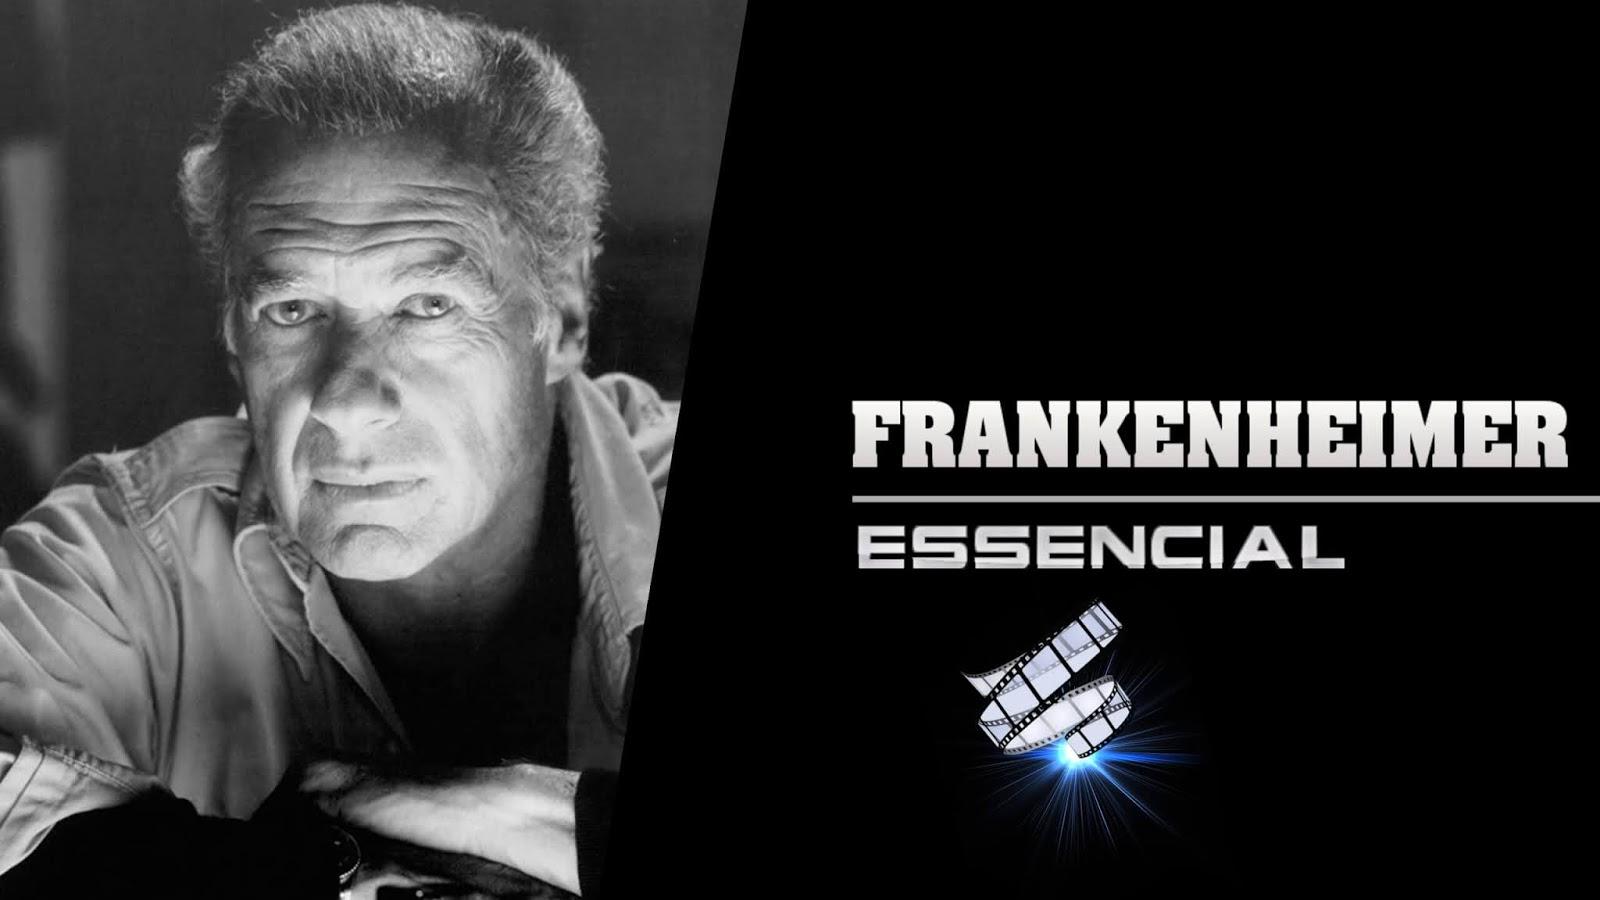 john-frankenheimer-10-filmes-essenciais